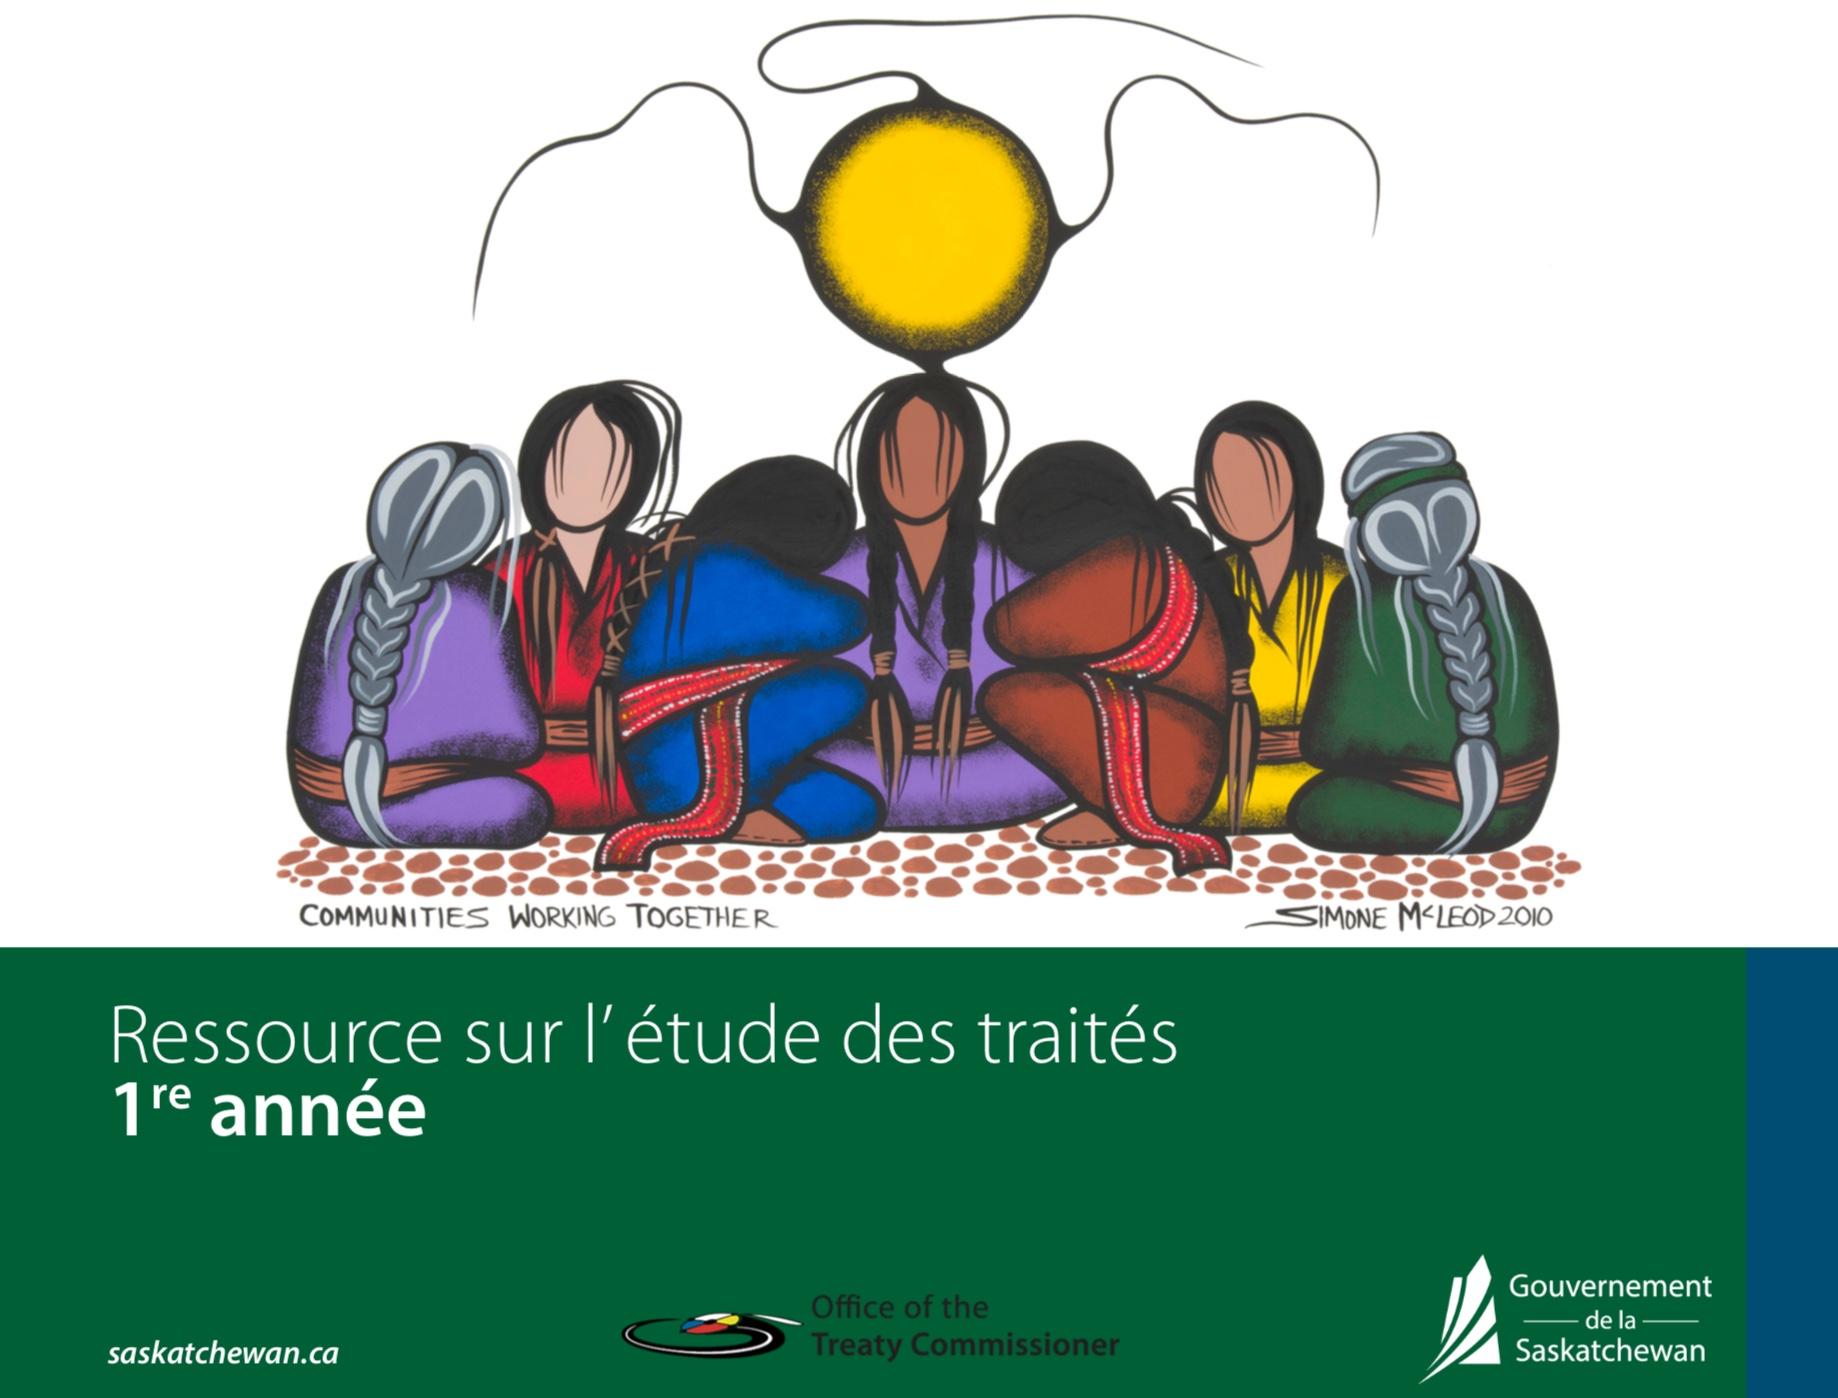 Ressource sur l' étude des traités - 1re année